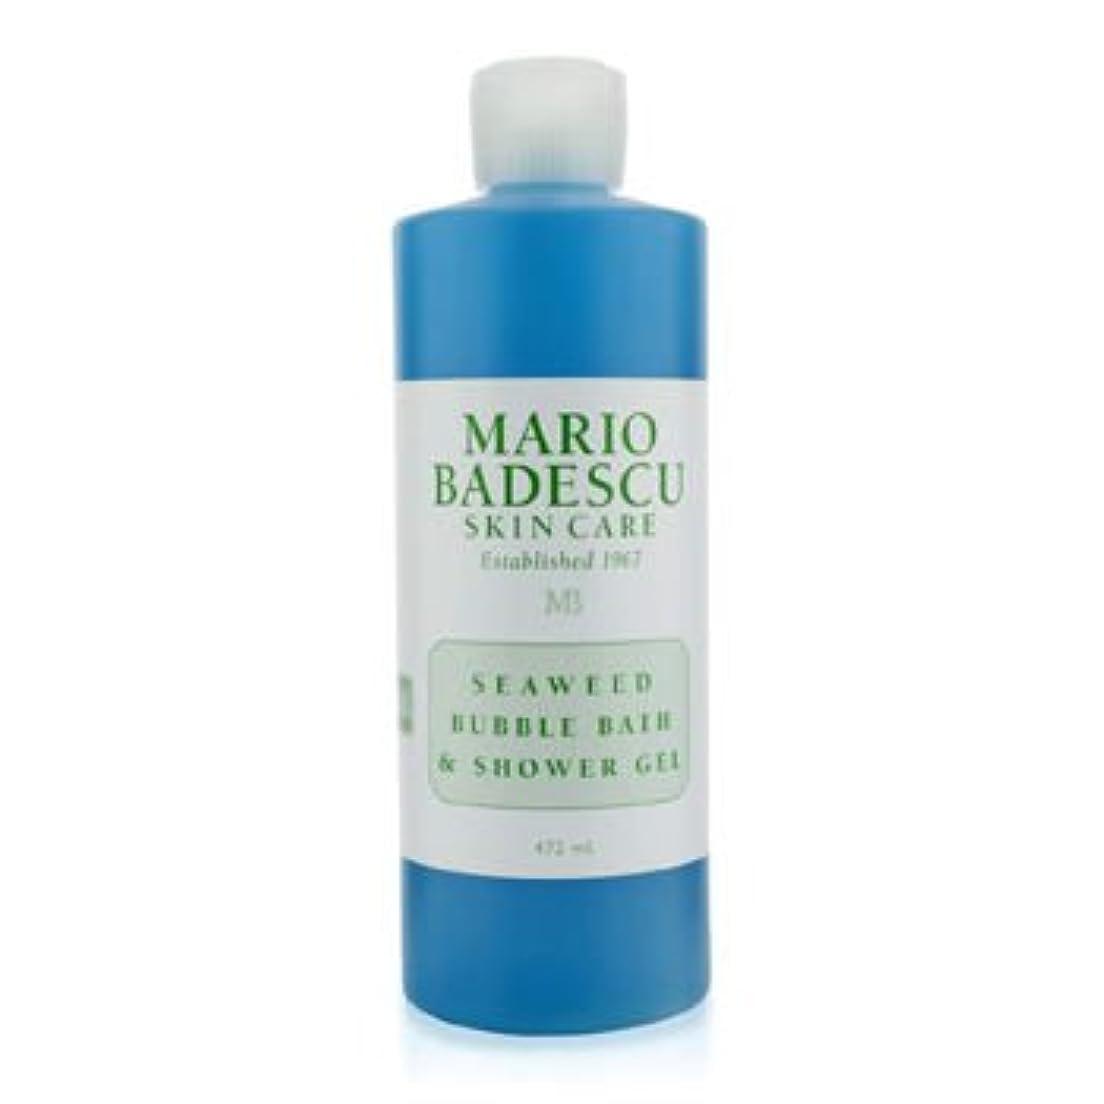 オーバーラン限定刈り取る[Mario Badescu] Seaweed Bubble Bath & Shower Gel 472ml/16oz